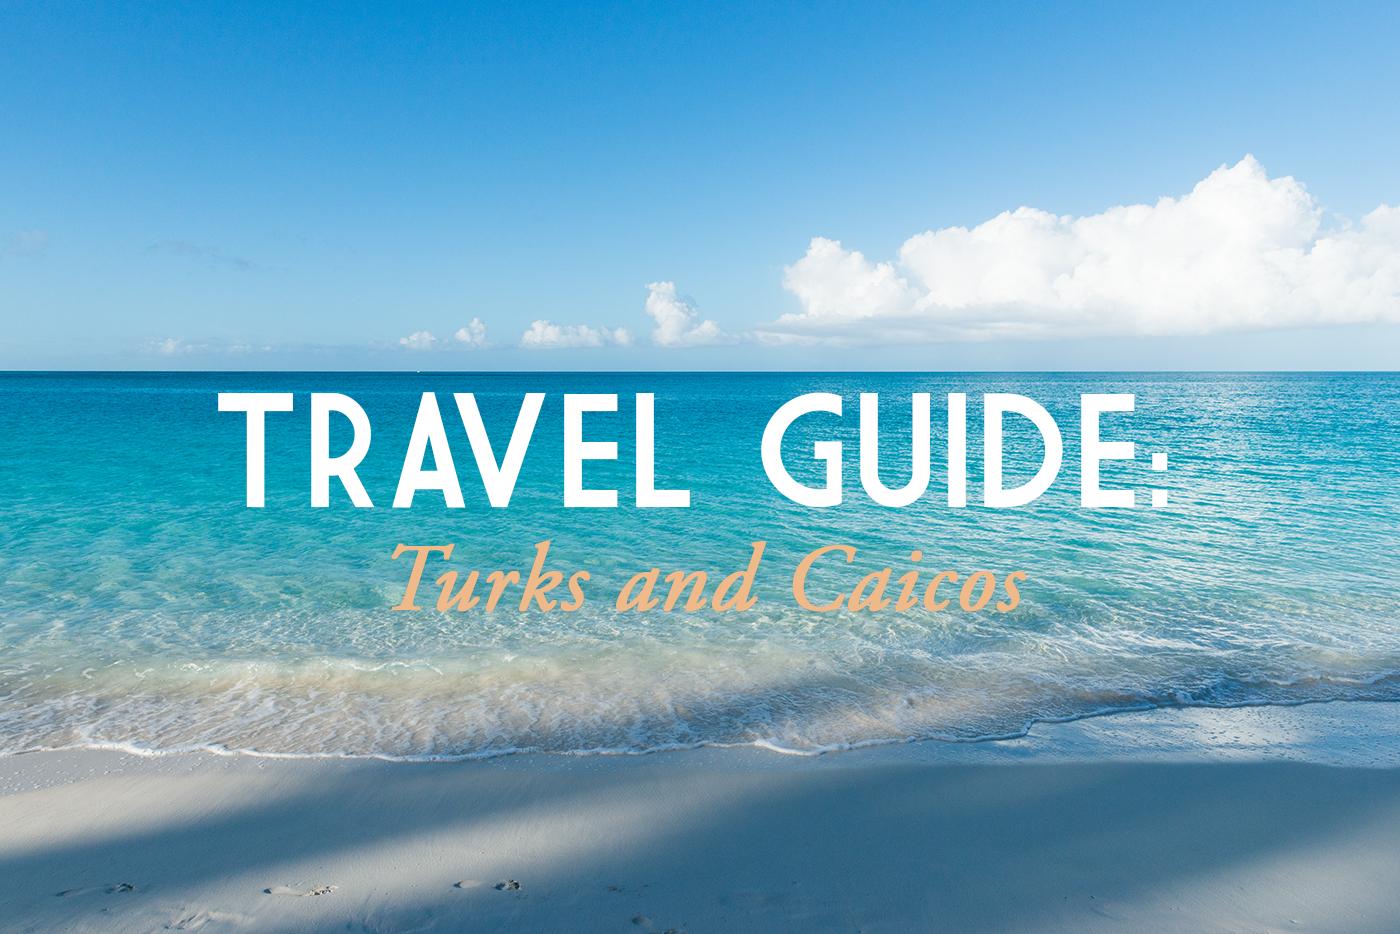 Turks and Caicos Travel Guide // 180360.com